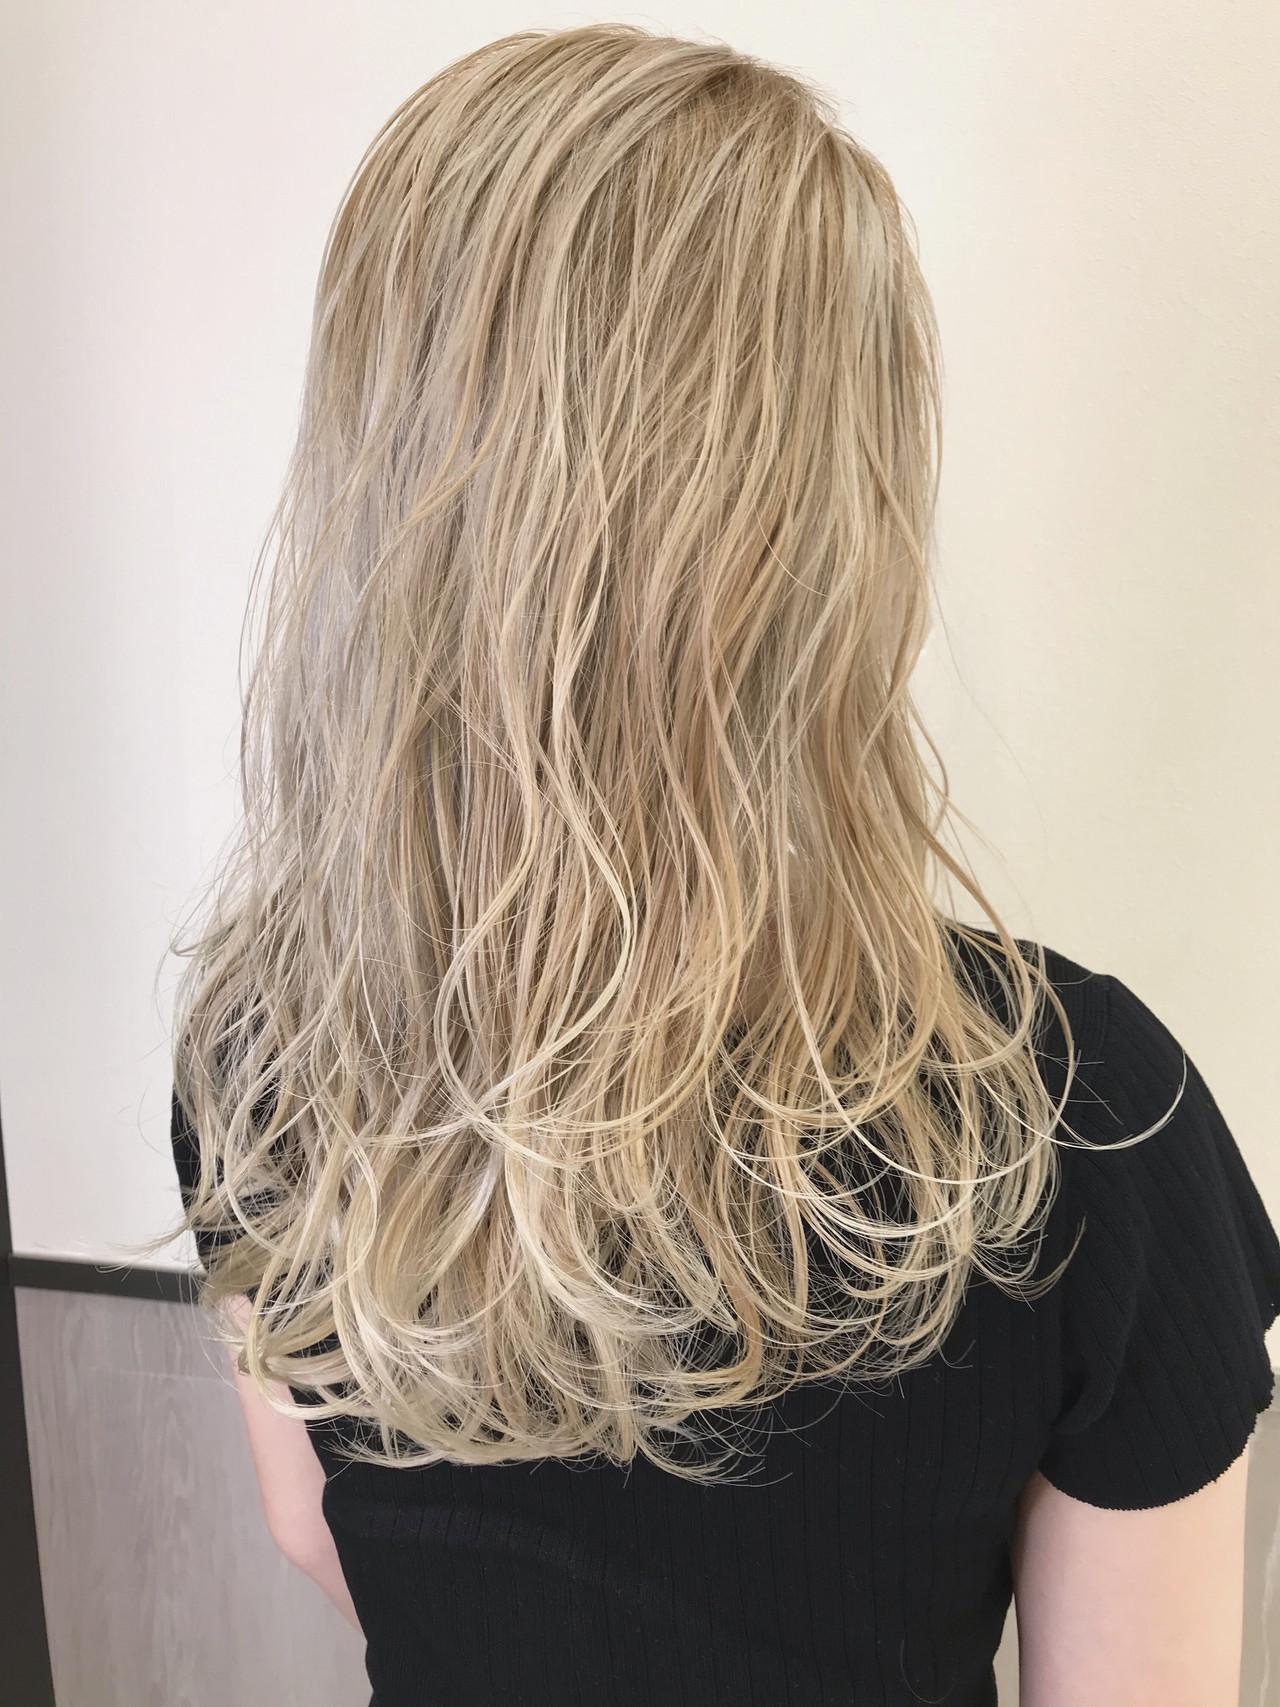 まとめ髪 ヘアアレンジ インナーカラー プラチナブロンド ヘアスタイルや髪型の写真・画像